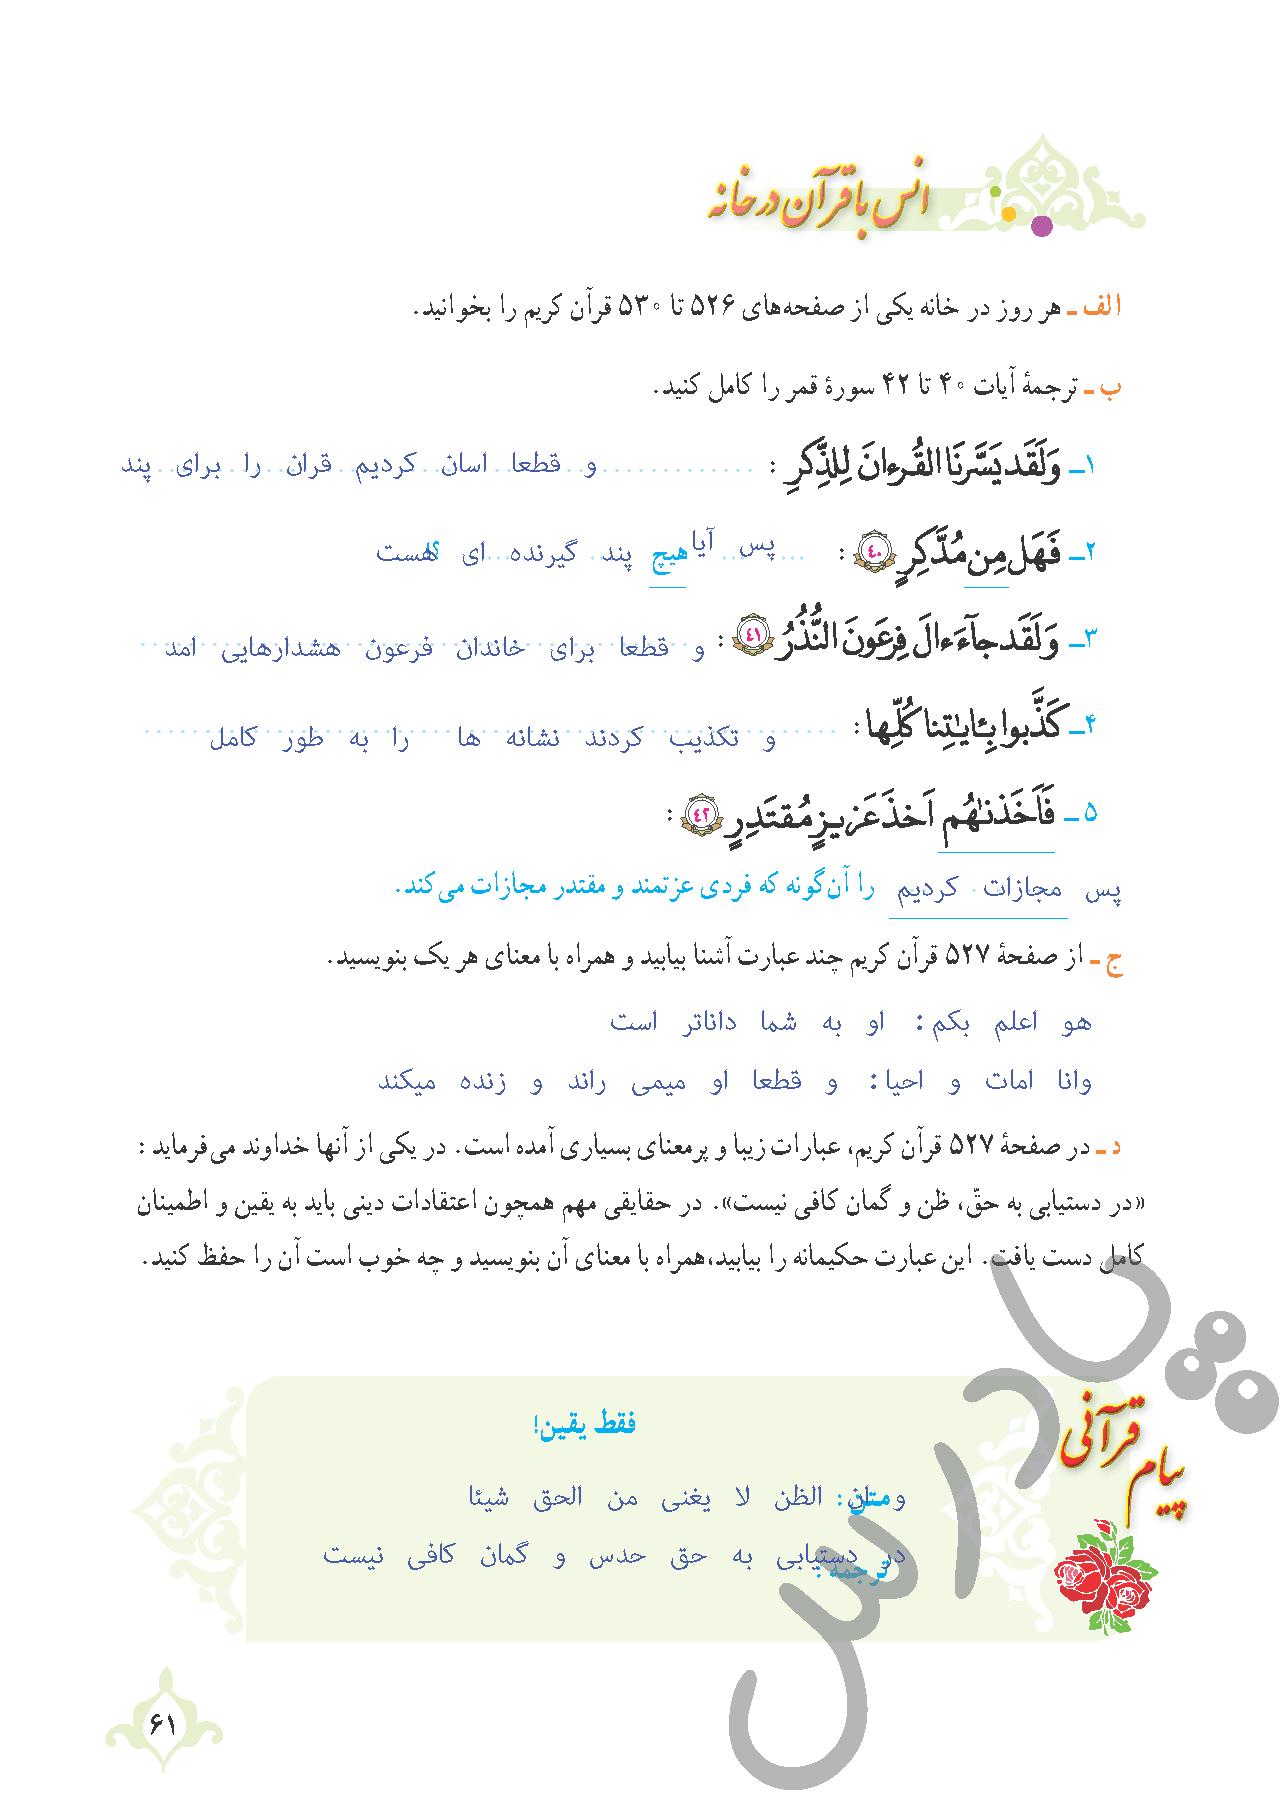 جواب انس با قرآن درس 5 قرآن نهم - جلسه دوم